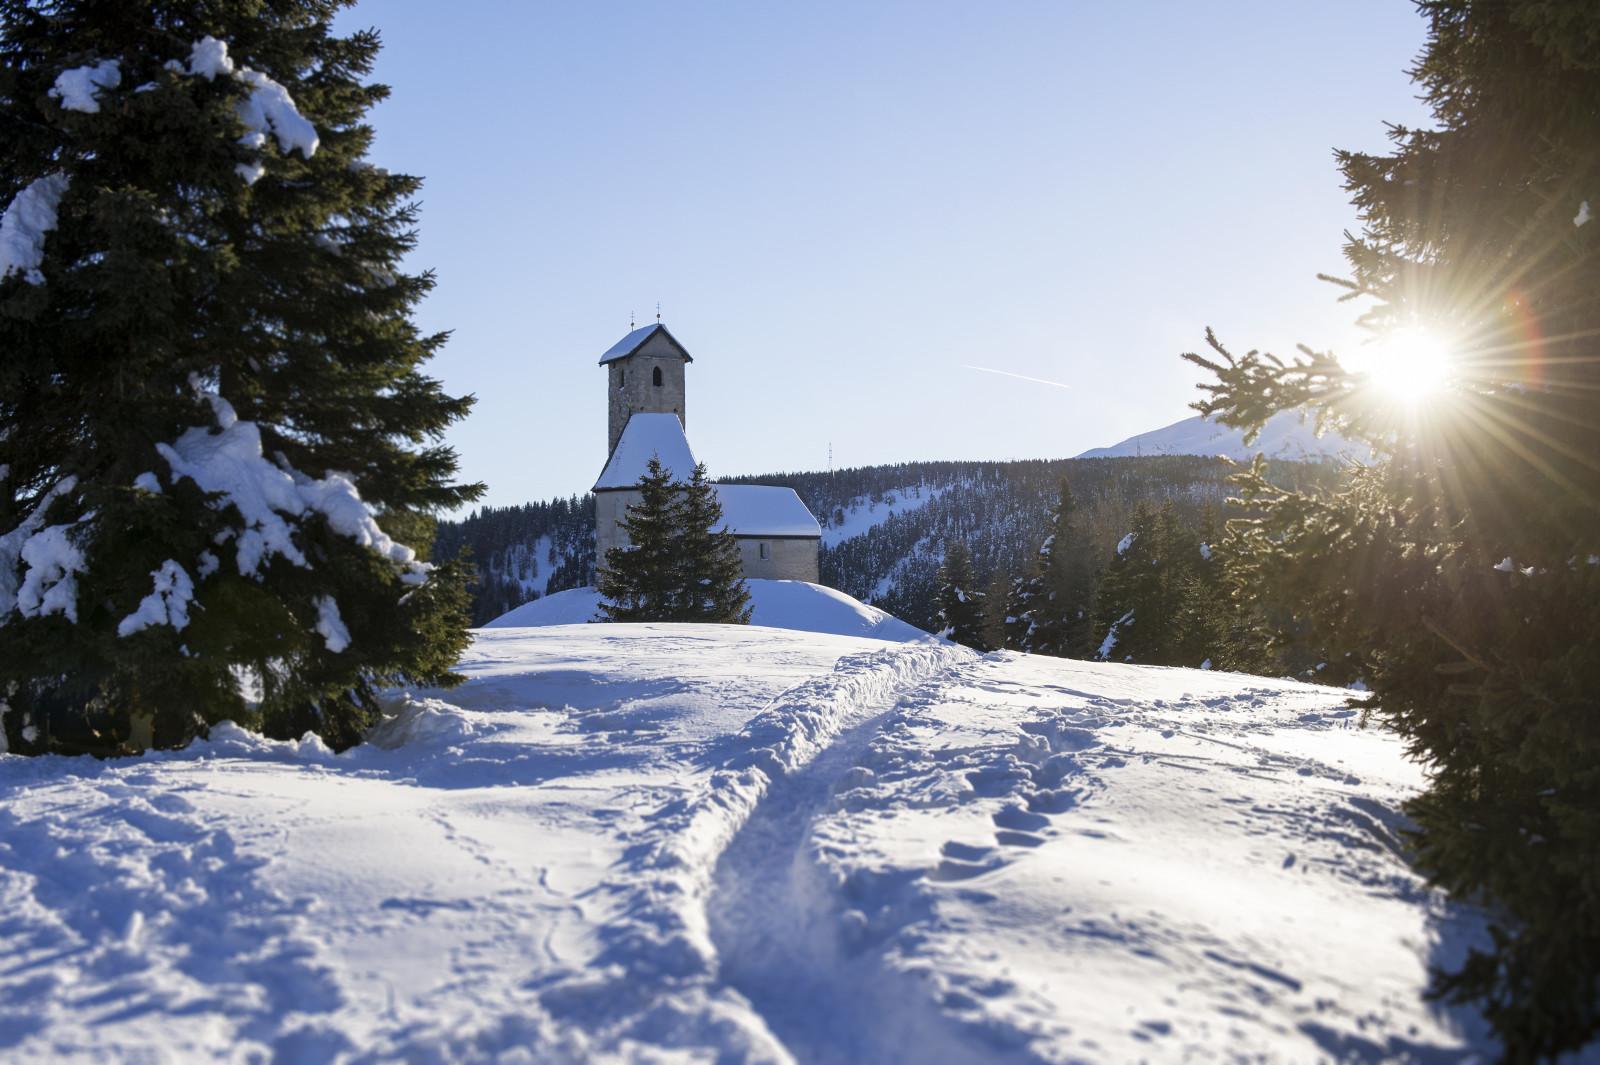 Weihnachtsmärkte und Skifahren in Südtirol